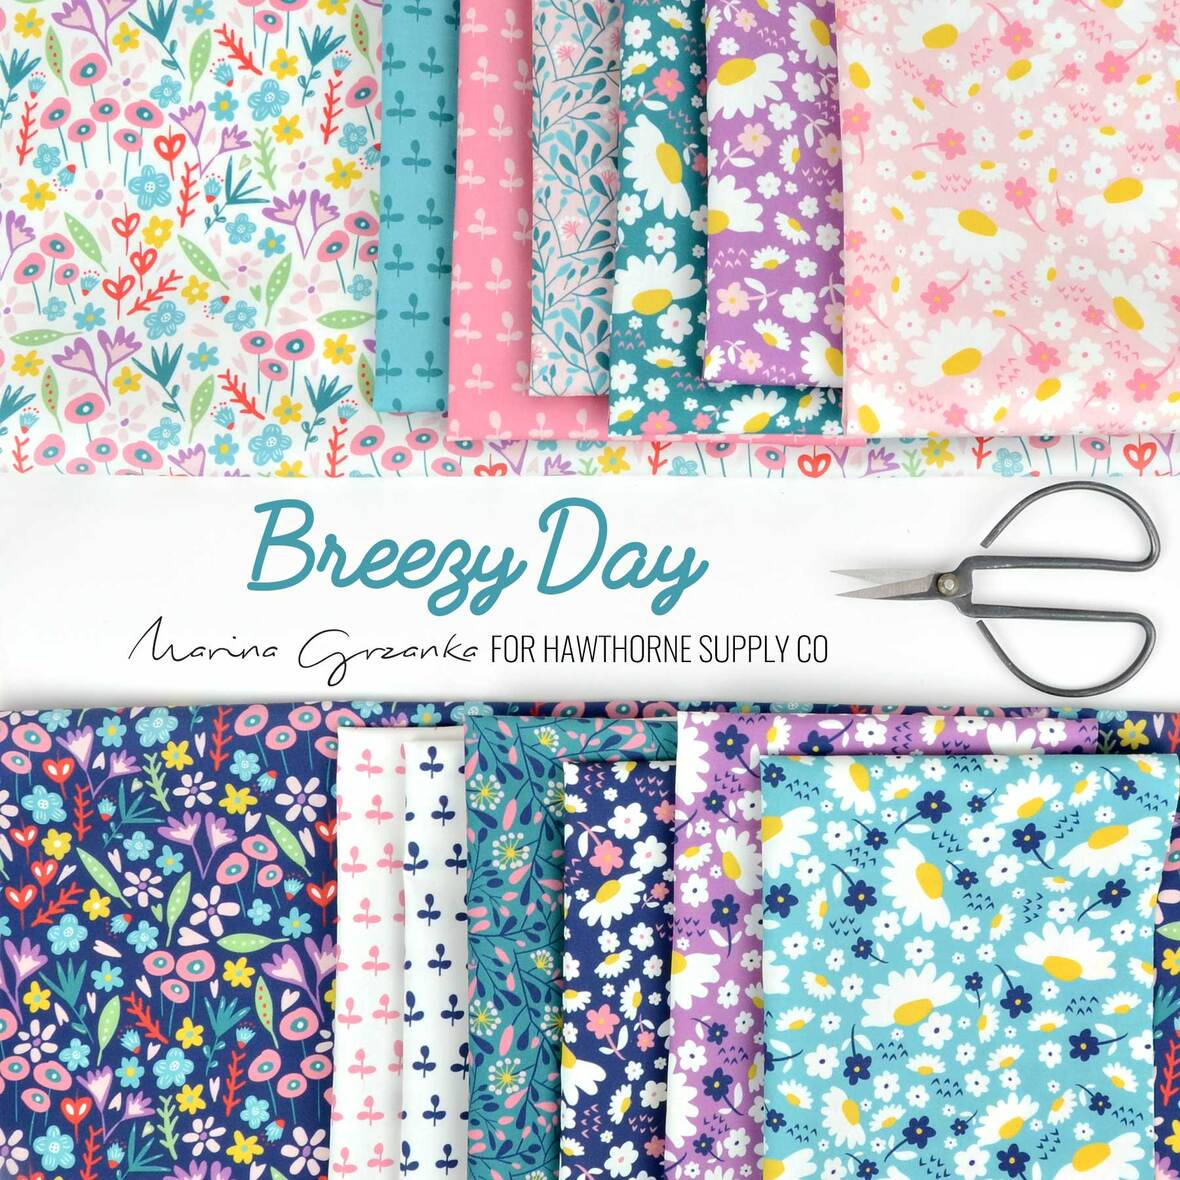 Breezy-Day-Marina-Grzanka-for-Hawthorne-Supply-Co.